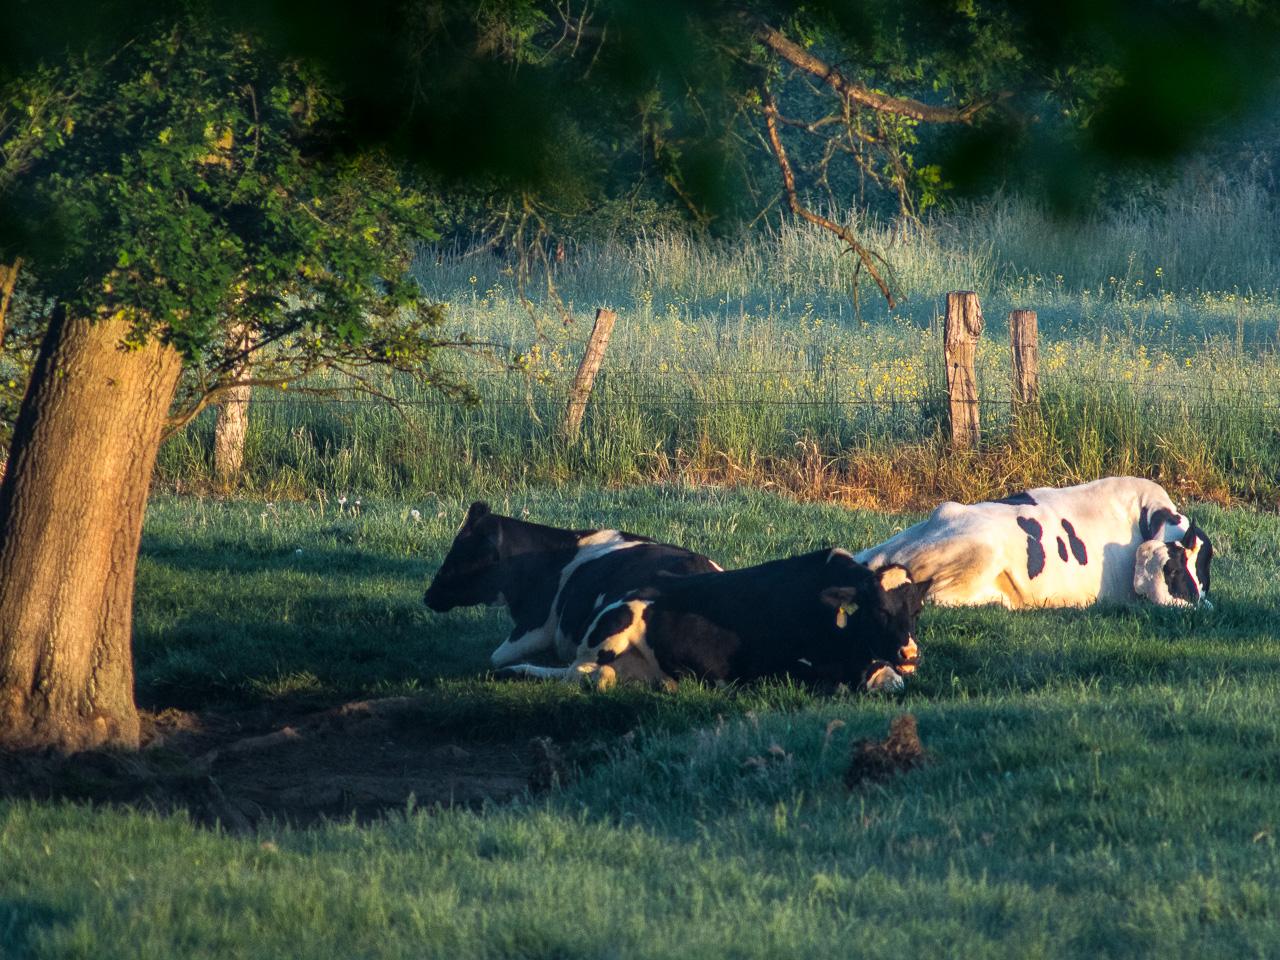 Zwei schwarze und eine weiße Kuh liegen unter Baum